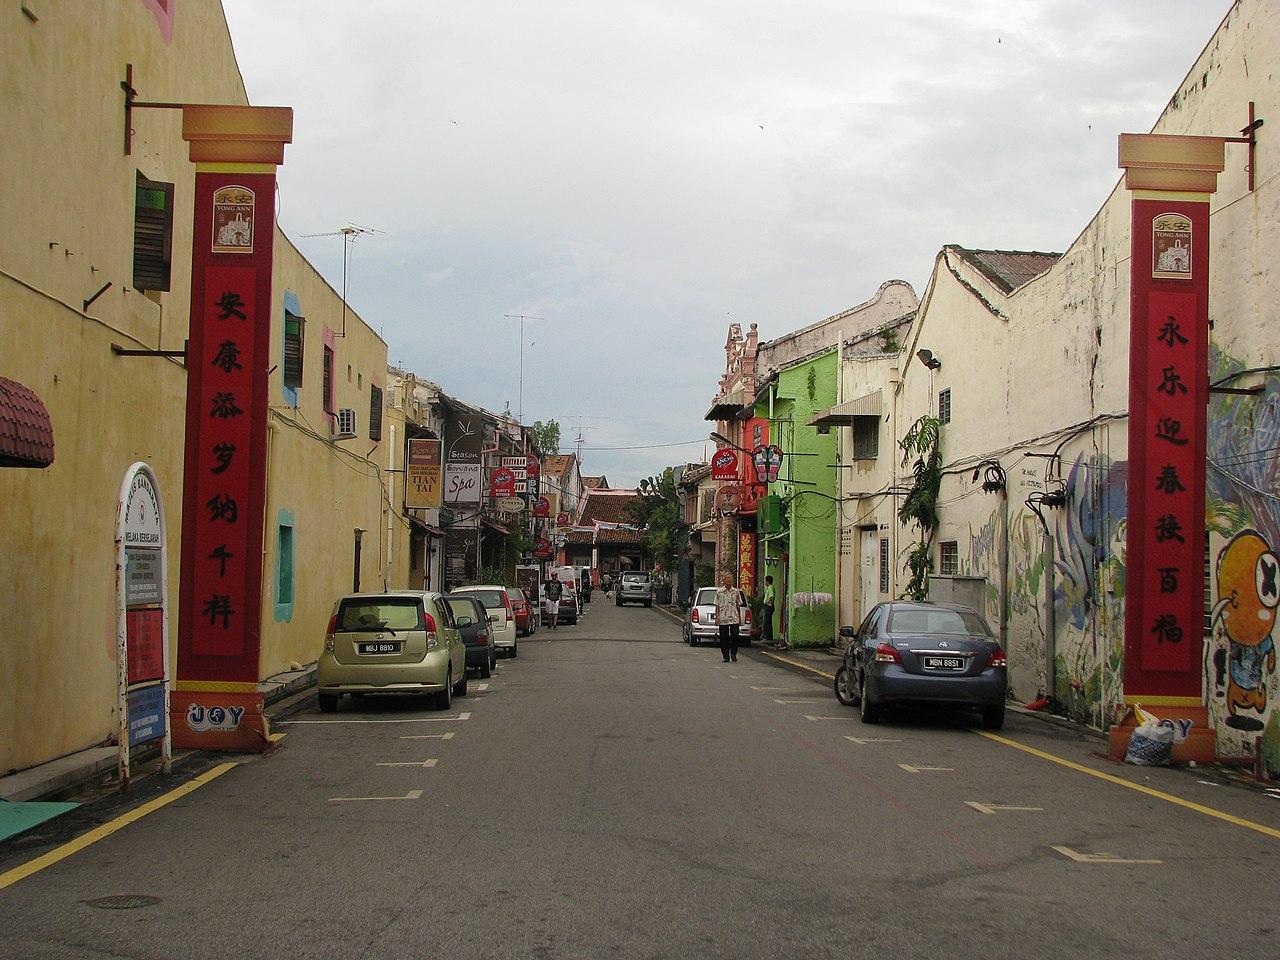 File:Malaysia - Malaka - 06 - Chinatown streets (6320261011).jpg - Wikimedia Commons